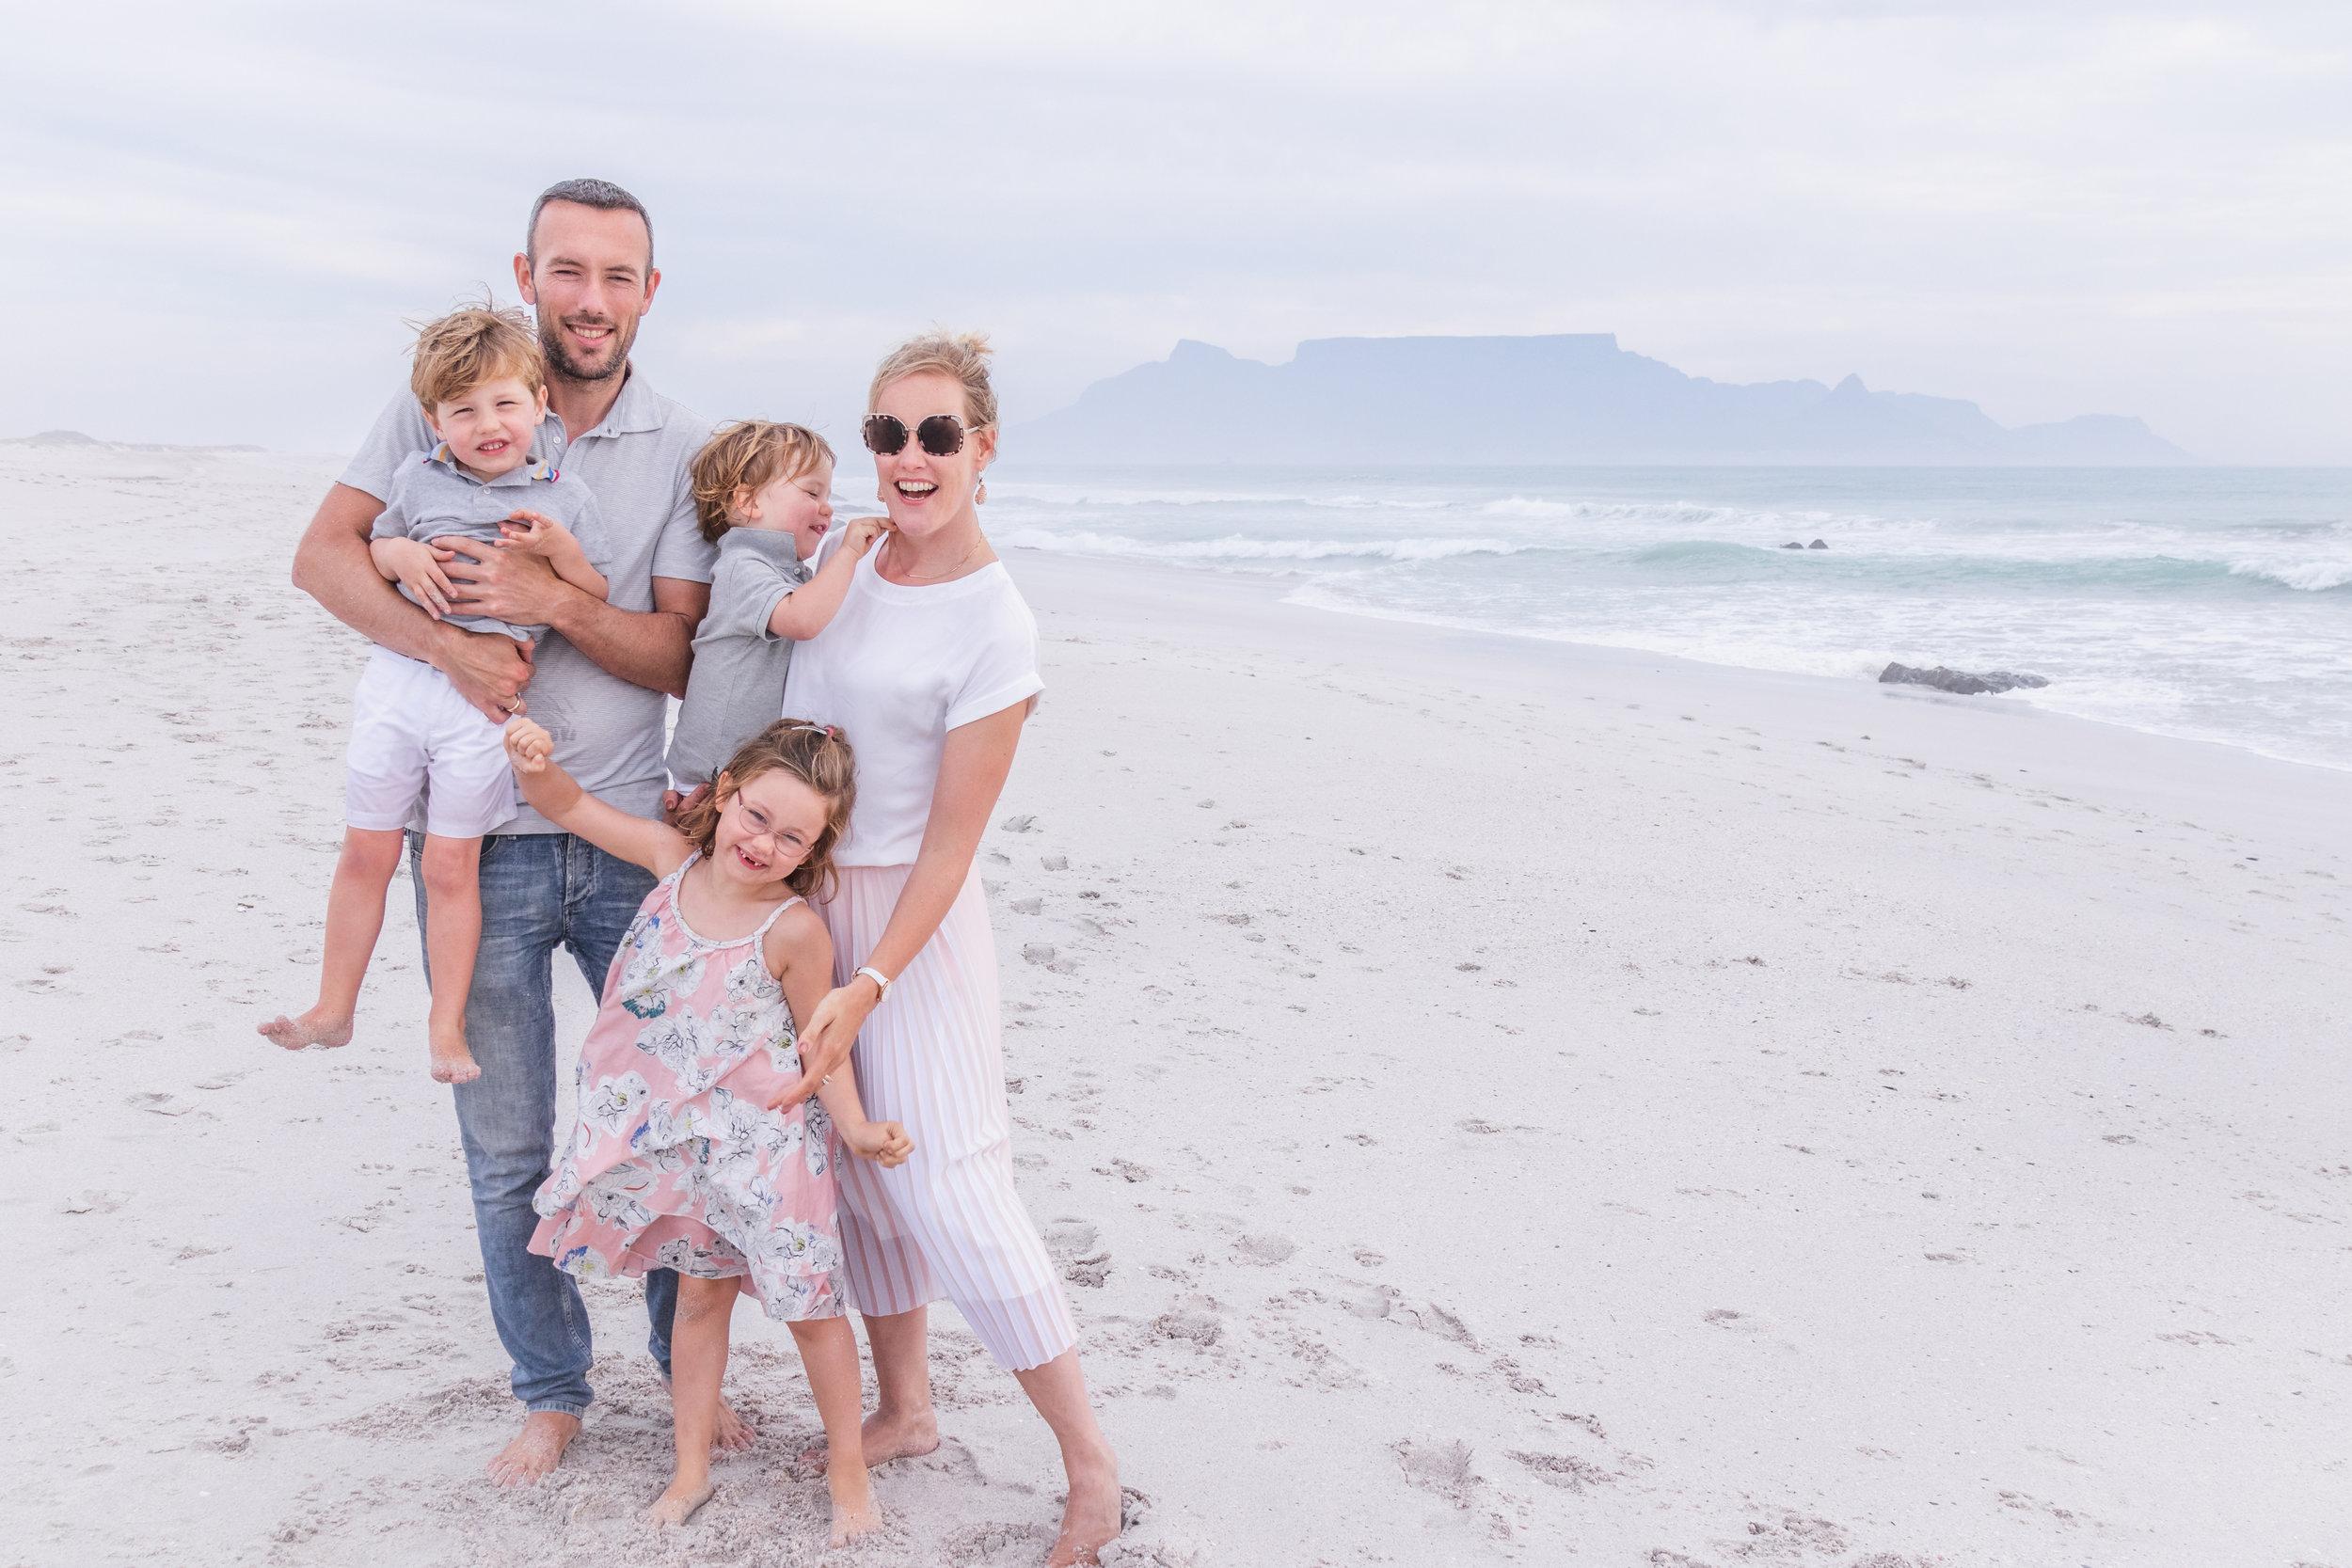 Ken Treloar Photography - Monteban Family Photos - Cape Town 2018 (high-res)-16.jpg